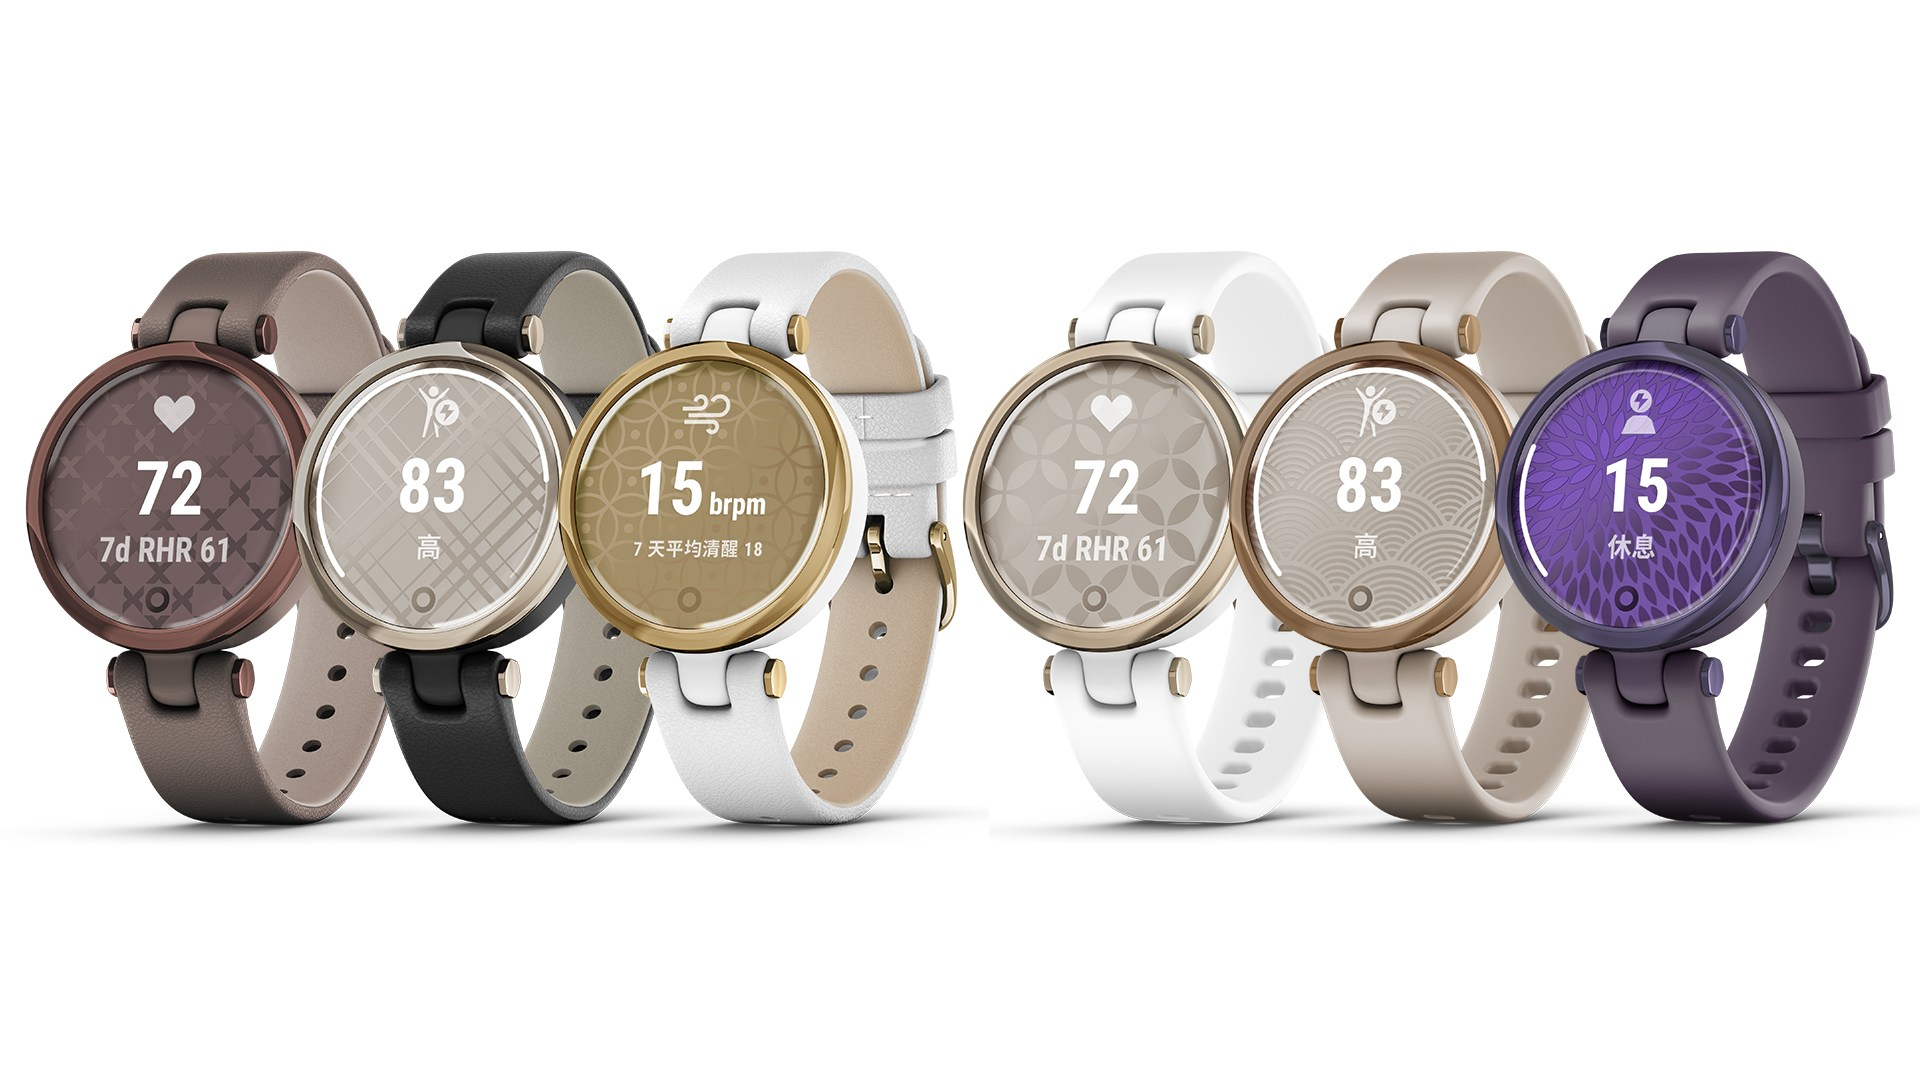 Garmin готовит к выходу женские смарт-часы Lily: две версии, экран на 1.3 дюйма, датчик SpO2, автономность до 5 дней и ценник в 200 евро